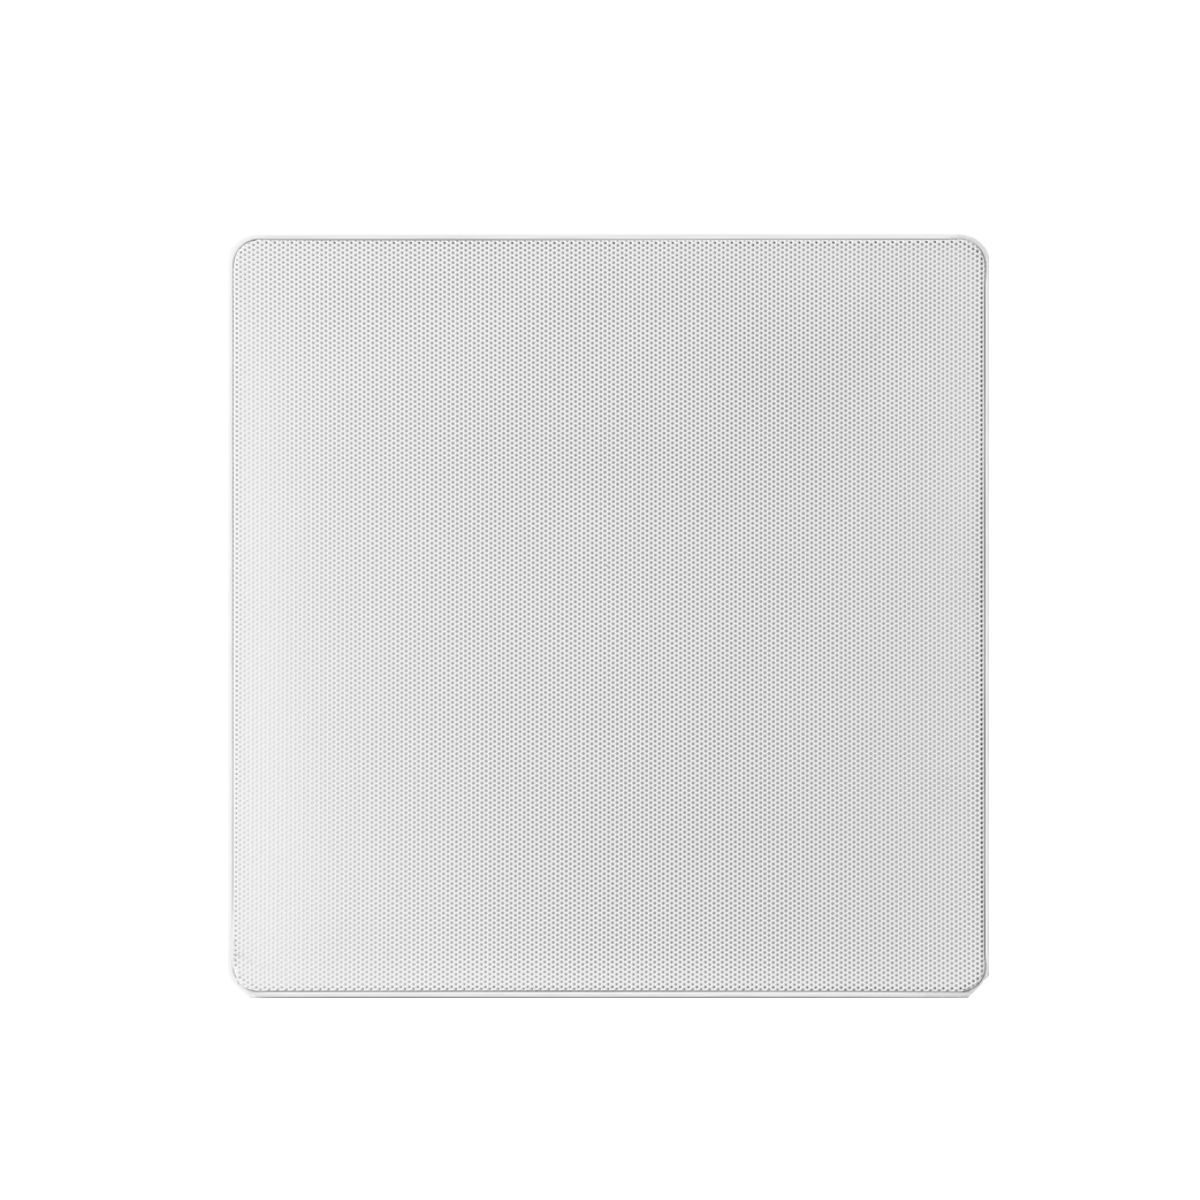 Kit 5.0 Caixa de Embutir no Gesso Borderless NQ6-A100 + NQ6-M100 AAT